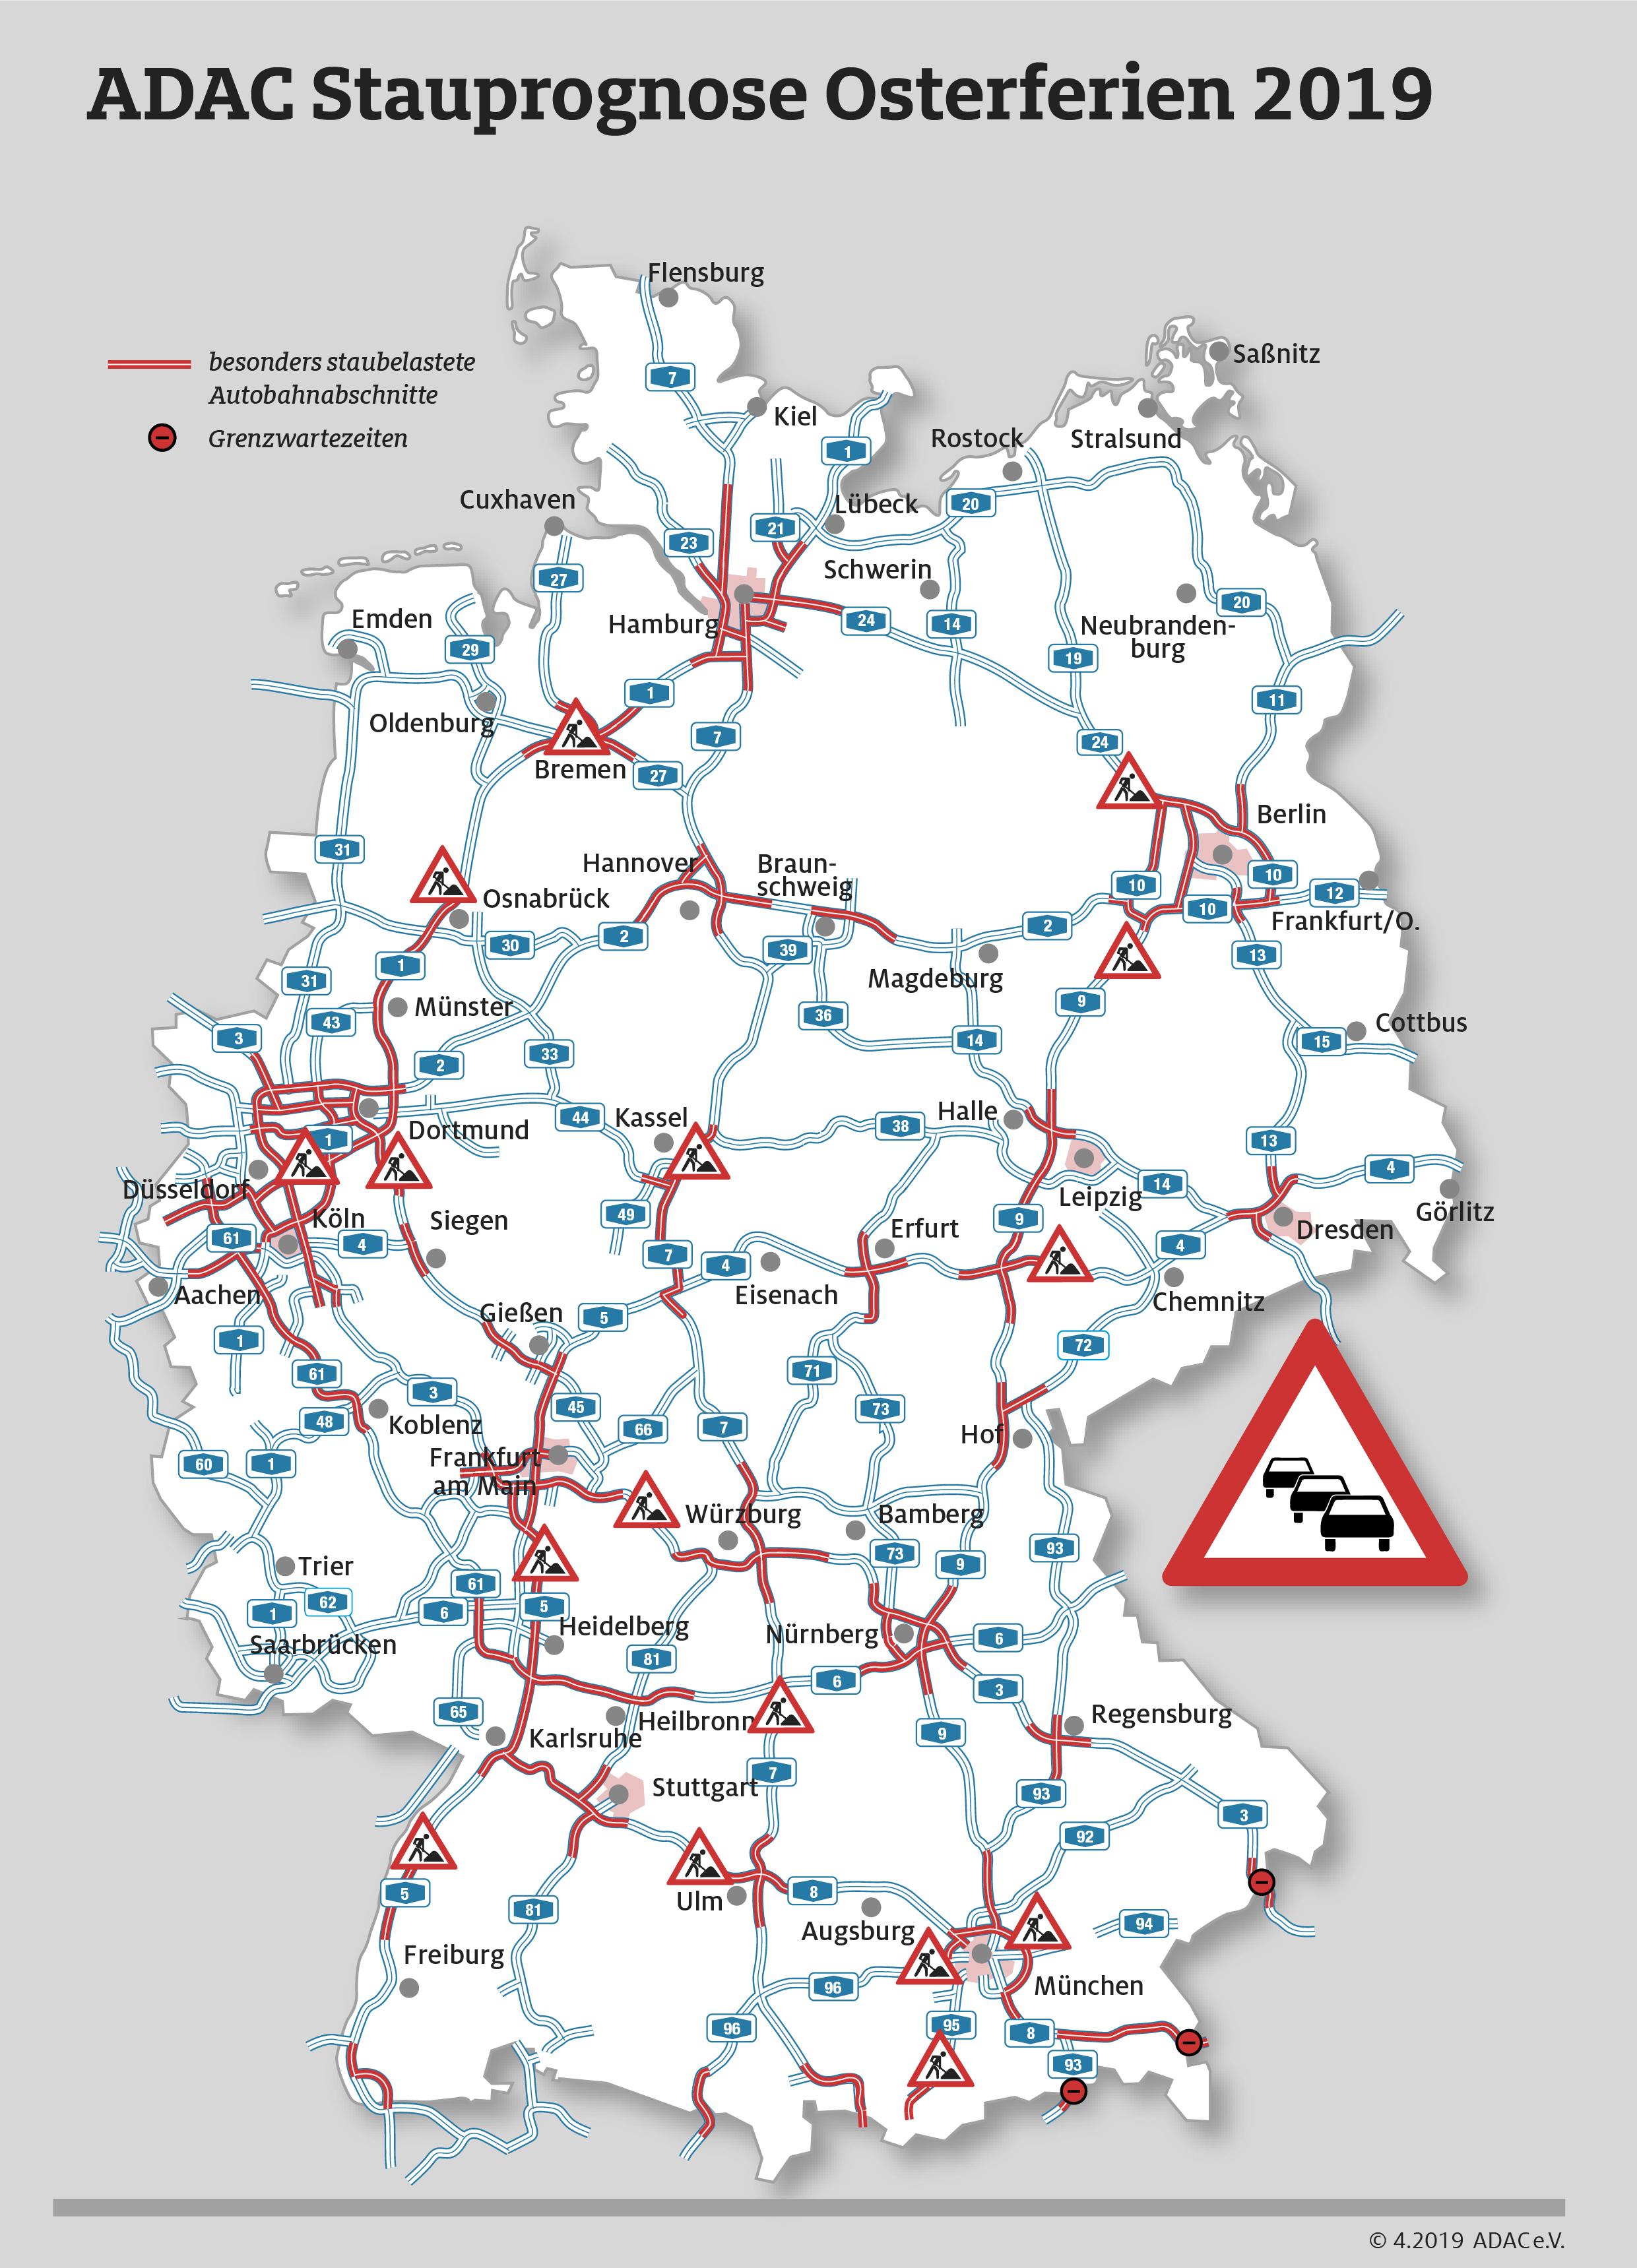 Stau Karte.Acht Bundesländer Starten In Die Osterferien Adac Stauprognose